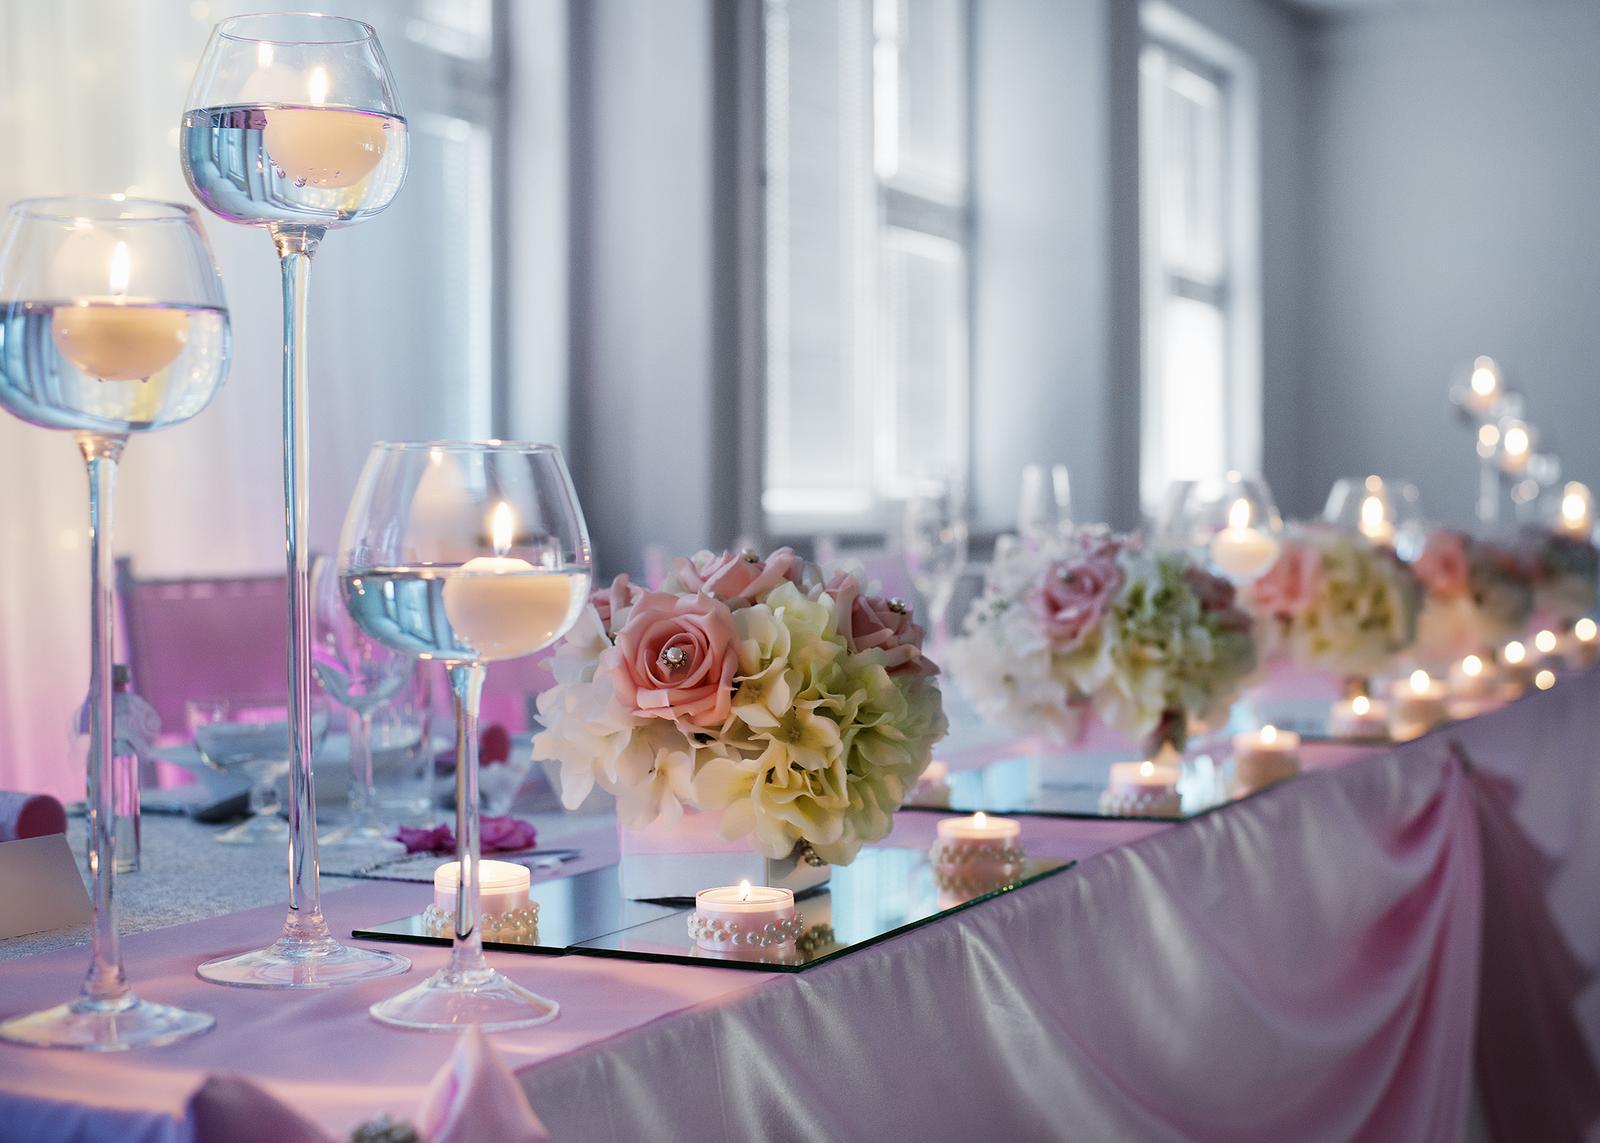 Prijímame objednávky pre svadobnú sezónu 2018/2019. Ponúkame komplexné aj čiastočné služby po celom západnom Slovensku. - svadba Obchodná Akadémia Senica